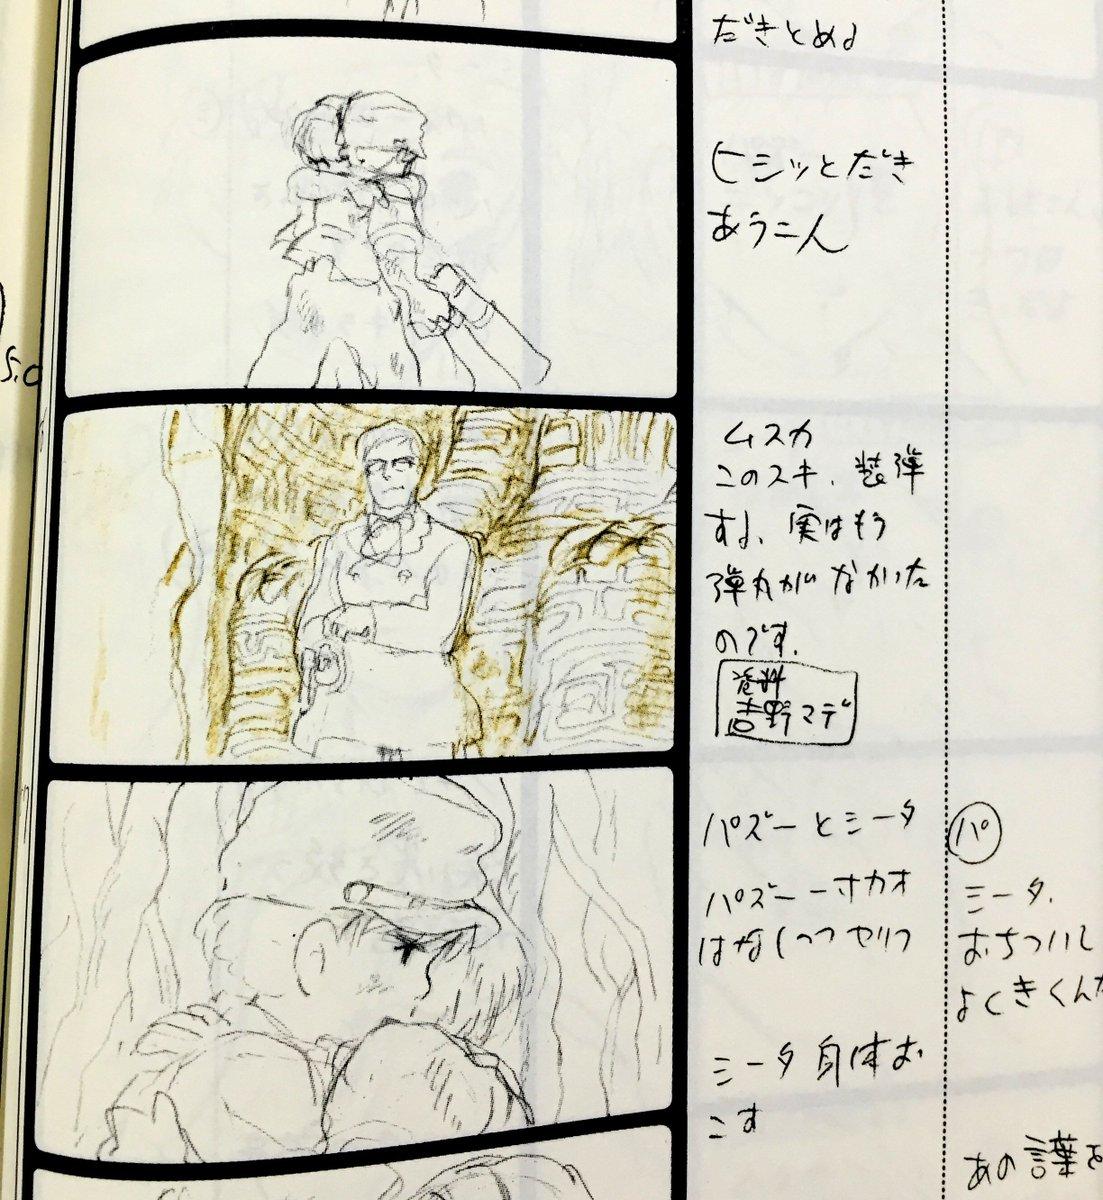 残酷なムスカがなぜ3分待ってくれたのか、宮﨑駿監督の絵コンテにさ真の理由が書いてあってすごい。 「ムスカ、このスキ装弾する。実はもう弾丸がなかったのです。」 https://t.co/2jaWiHtTCf